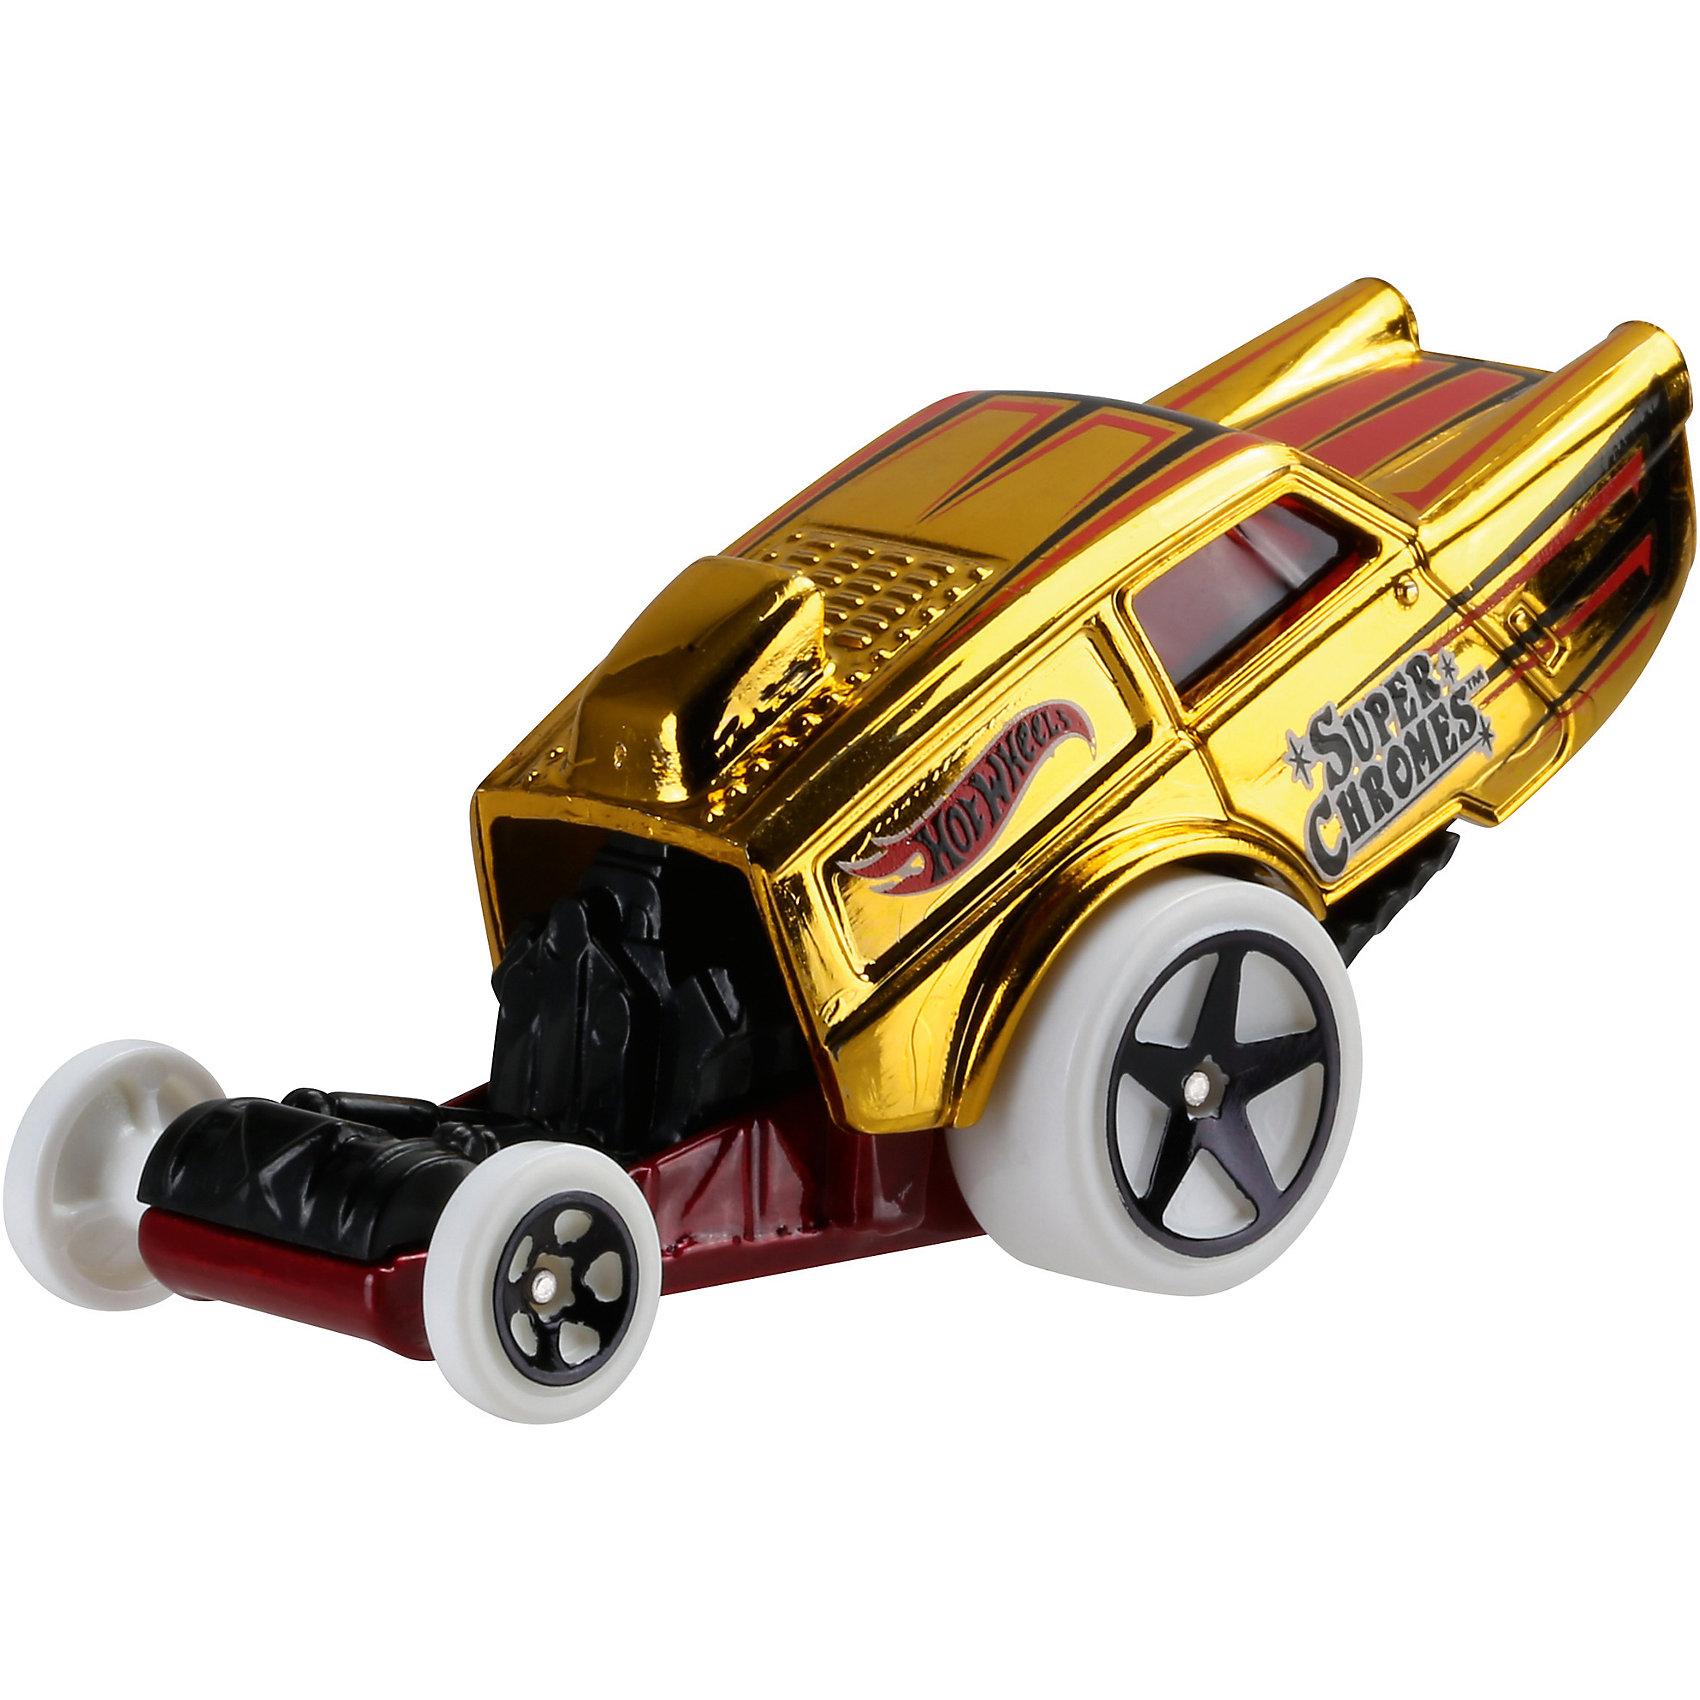 Машинка Hot Wheels из базовой коллекцииМашинка Hot Wheels из базовой коллекции – высококачественная масштабная модель машины, имеющая неординарный, радикальный дизайн. <br><br>В упаковке 1 машинка,  машинки тематически обусловлены от фантазийных, спасательных до экстремальных и просто скоростных машин. <br><br>Соберите свою коллекцию машинок Hot Wheels!<br><br>Дополнительная информация: <br><br>Машинка стандартного размера Hot Wheels<br>Размер упаковки: 11 х 10,5 х 3,5 см<br><br>Ширина мм: 110<br>Глубина мм: 45<br>Высота мм: 110<br>Вес г: 30<br>Возраст от месяцев: 36<br>Возраст до месяцев: 96<br>Пол: Мужской<br>Возраст: Детский<br>SKU: 4888924